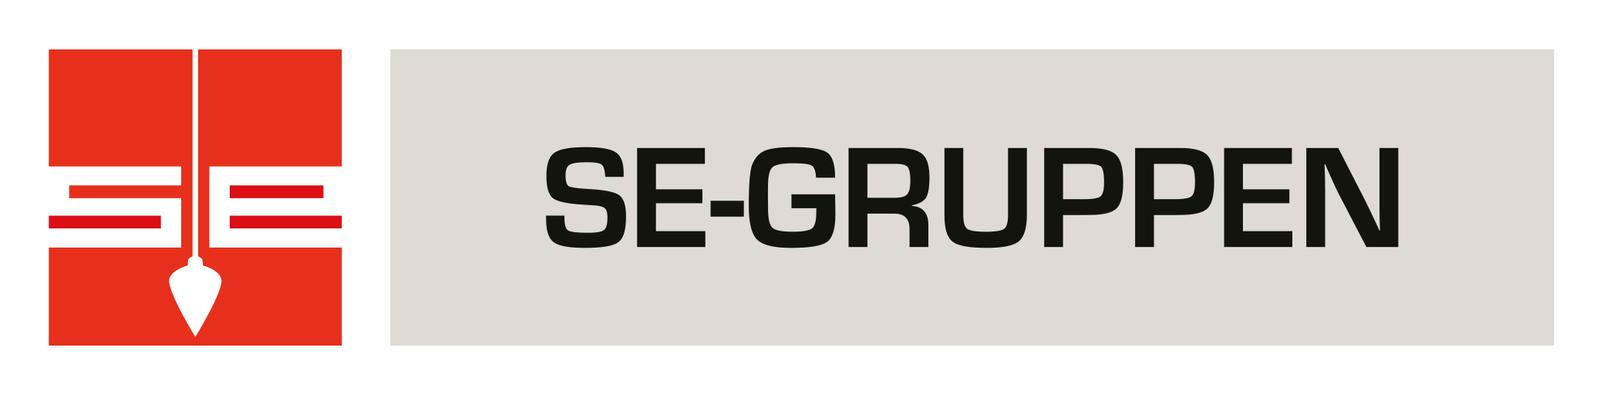 SE-gruppen AS